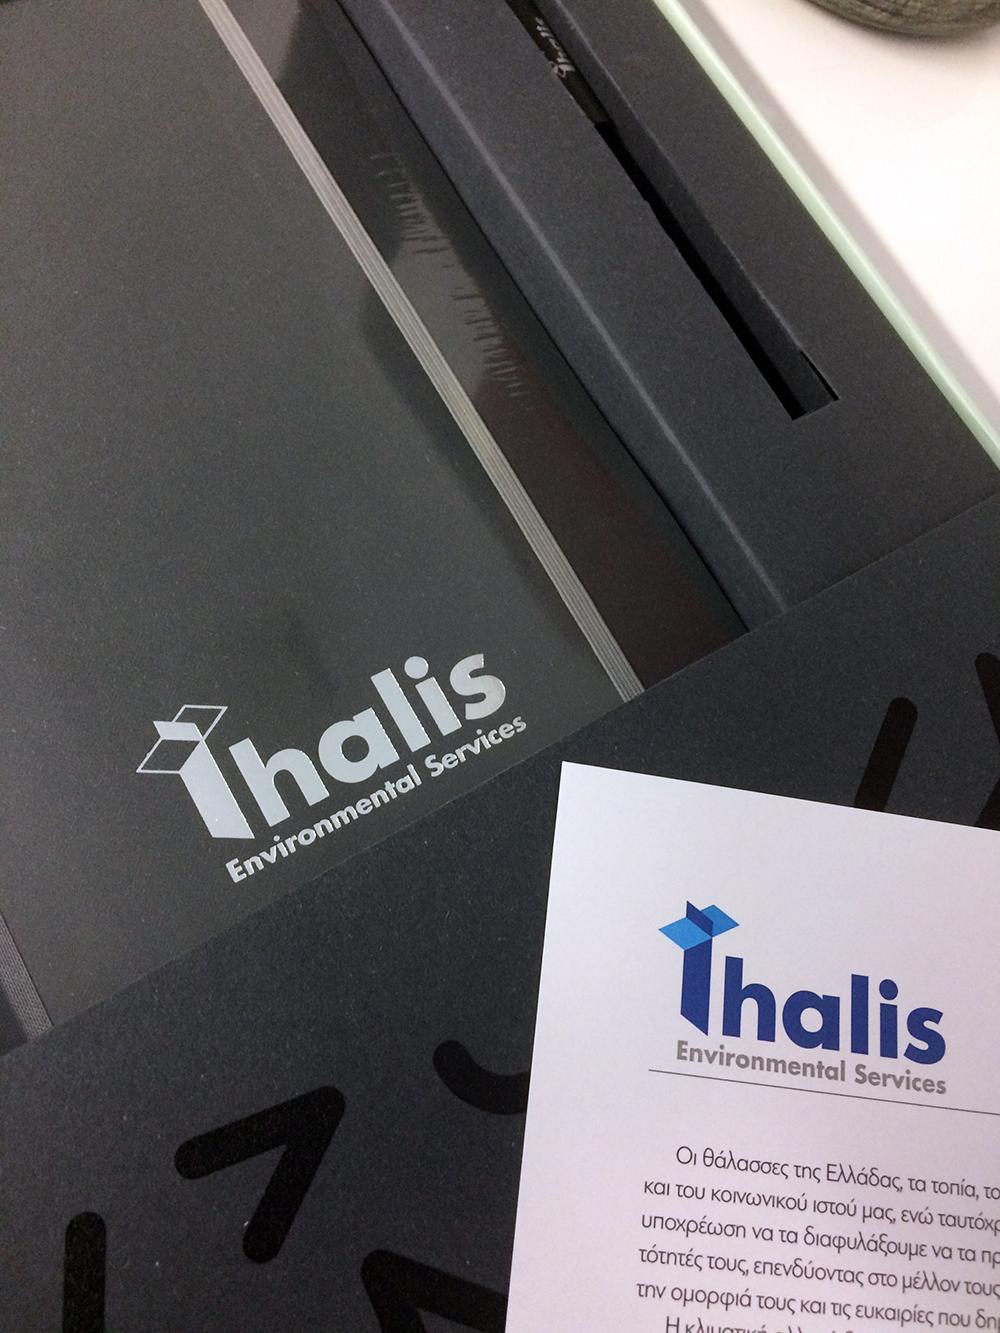 Thalis ES